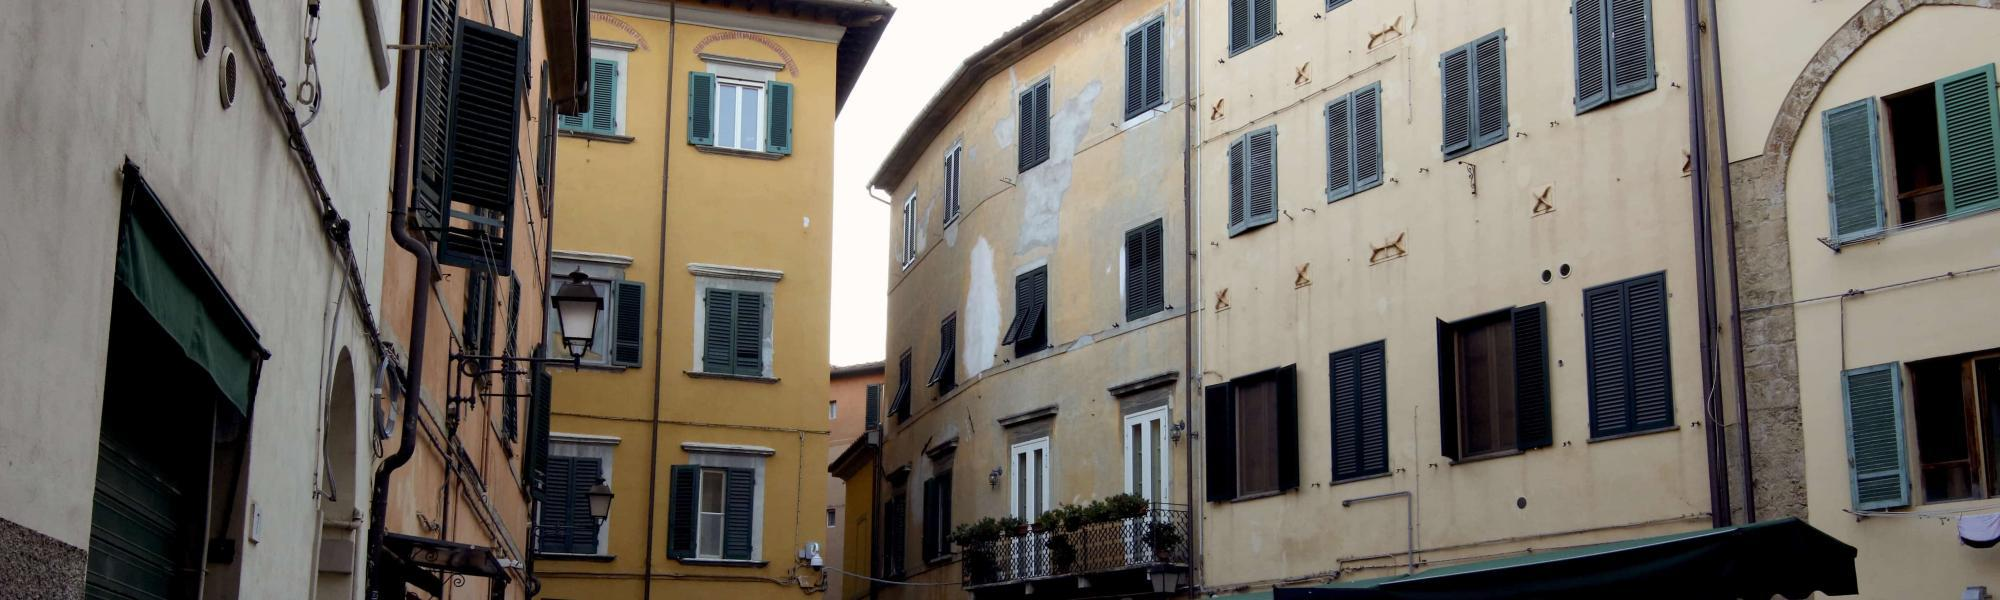 Scorcio Piazza Sant'Omobono (A. Matteuci)